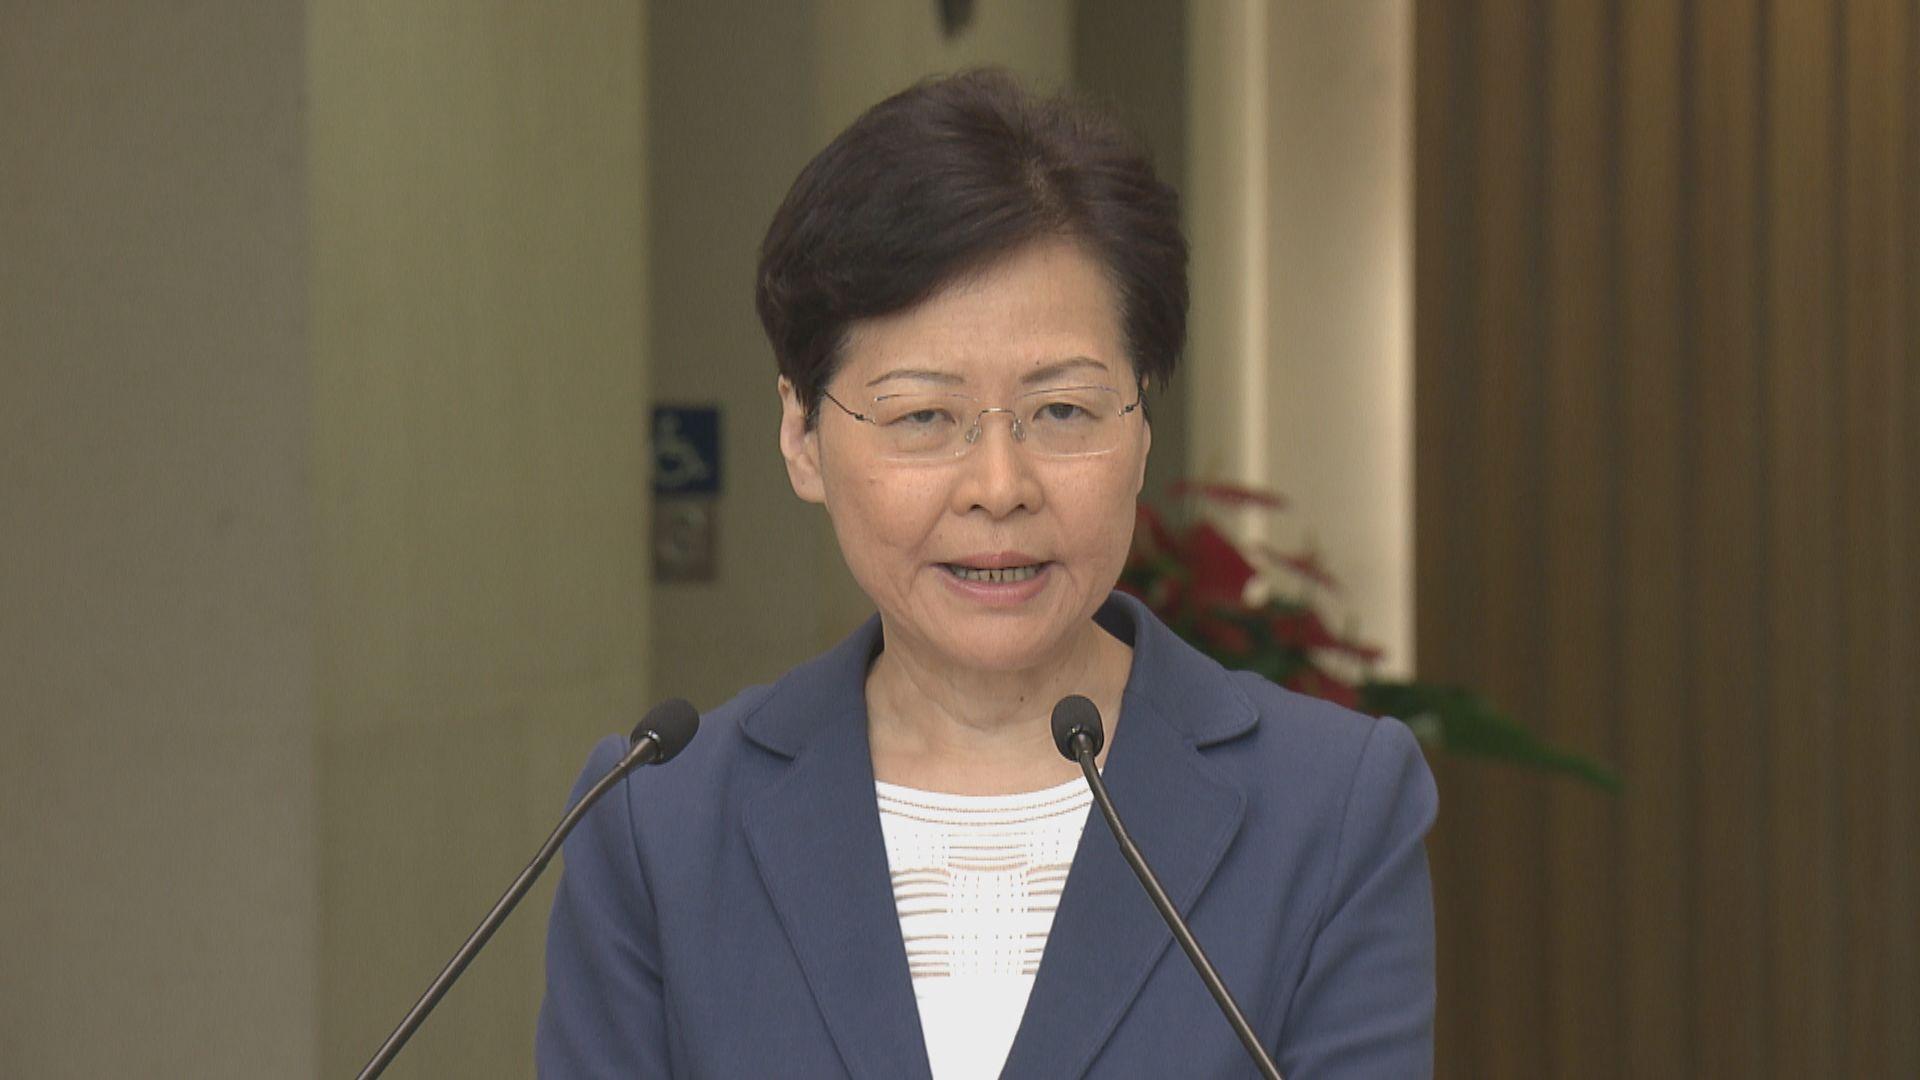 【最新】林鄭:目前唯一要做是反抗暴力維護法治回復社會秩序